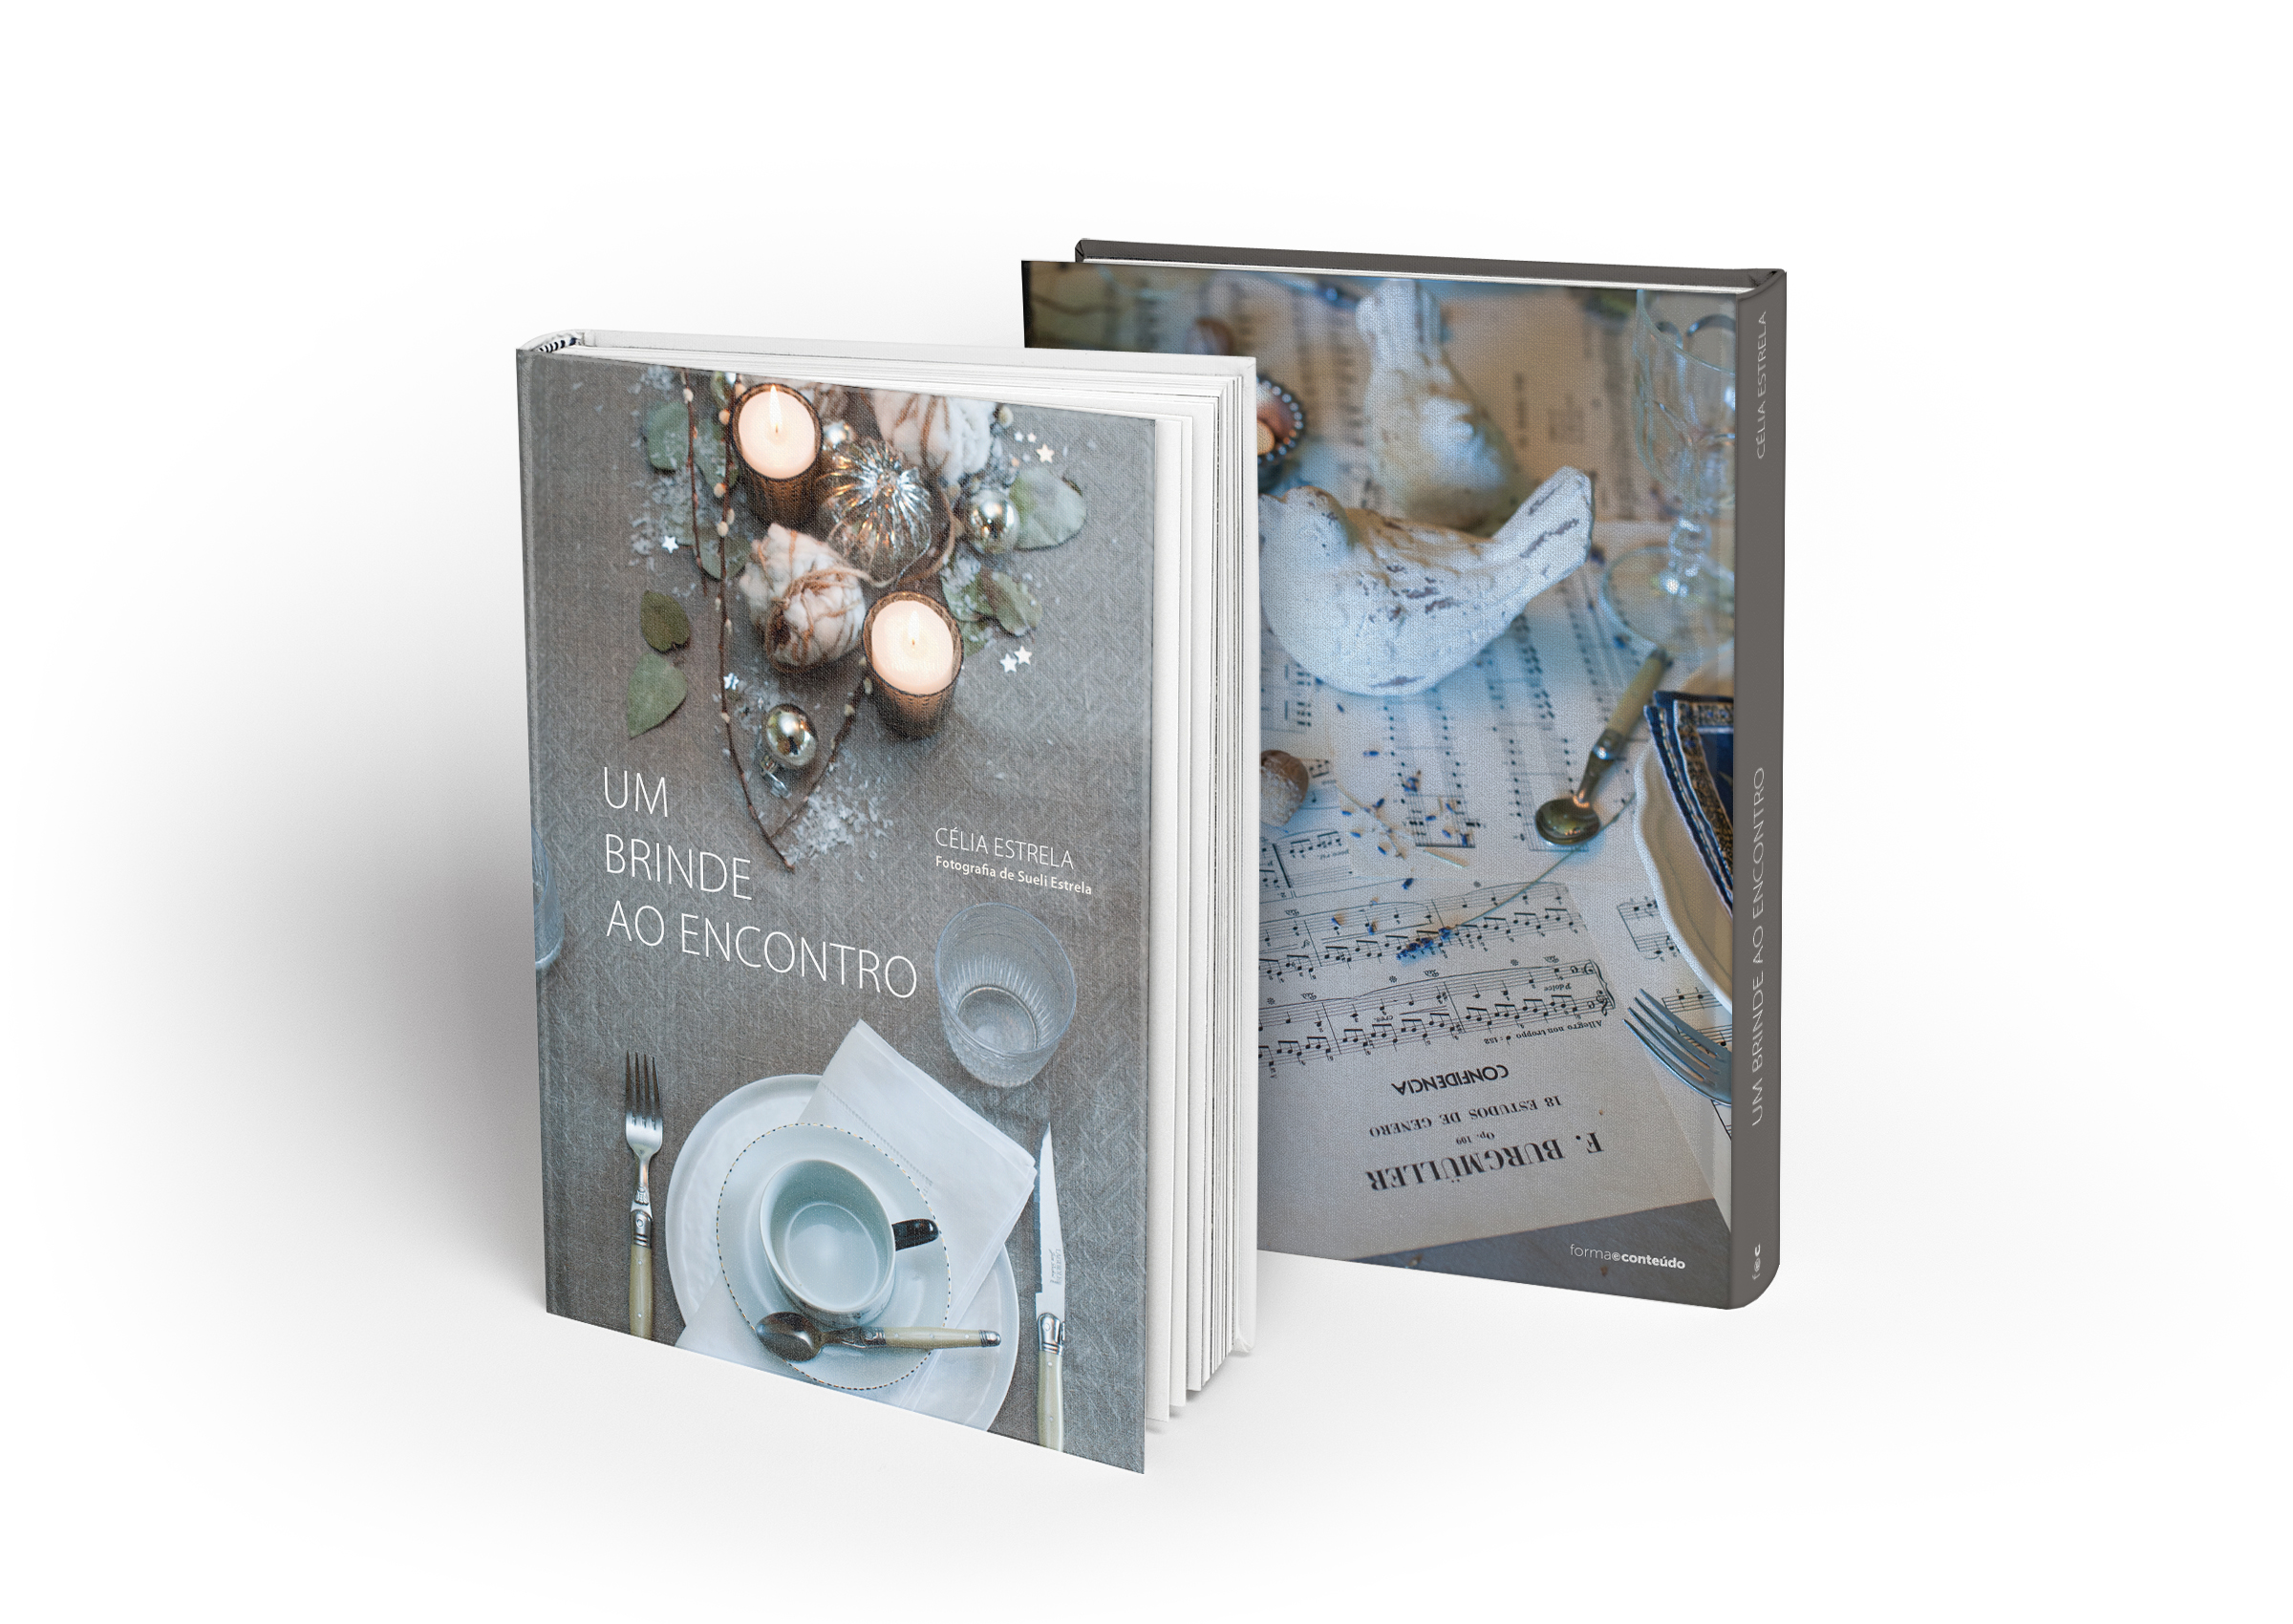 livro da artista célia estrela